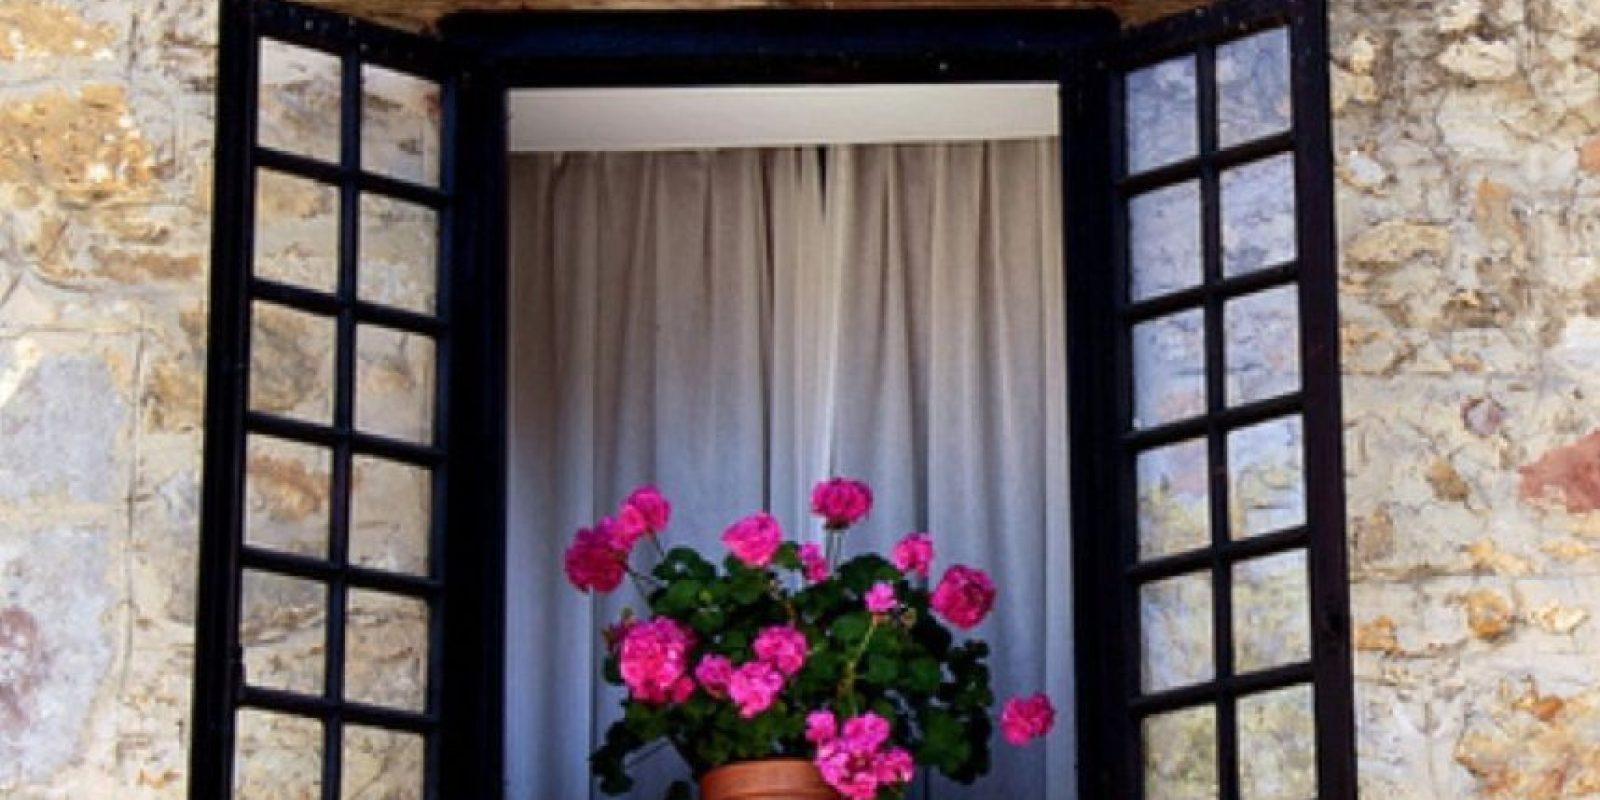 """4. Abrir las ventanas. Con este sencillo consejo reducirán el riesgo de contraer gripa. La profesora Lidia Morawska, especialista en la caldiad del aire en la Universidad de Tecnología en Australia mencionó: """"Las tasas de infección se reducen al permitir la ventilación"""". Foto:Pixabay"""